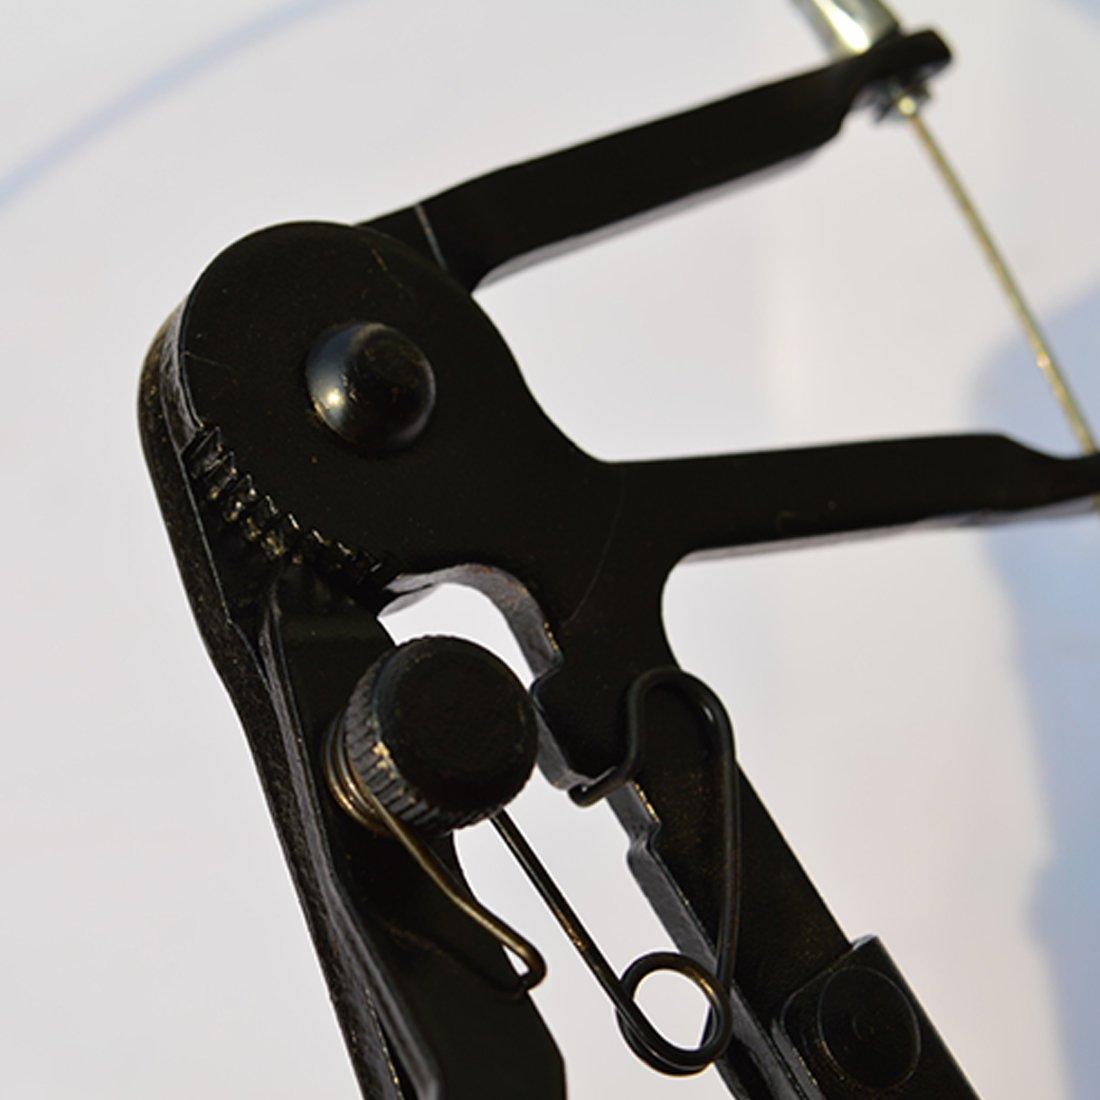 Alicates flexibles con manguera para reparaci/ón de cables de coche